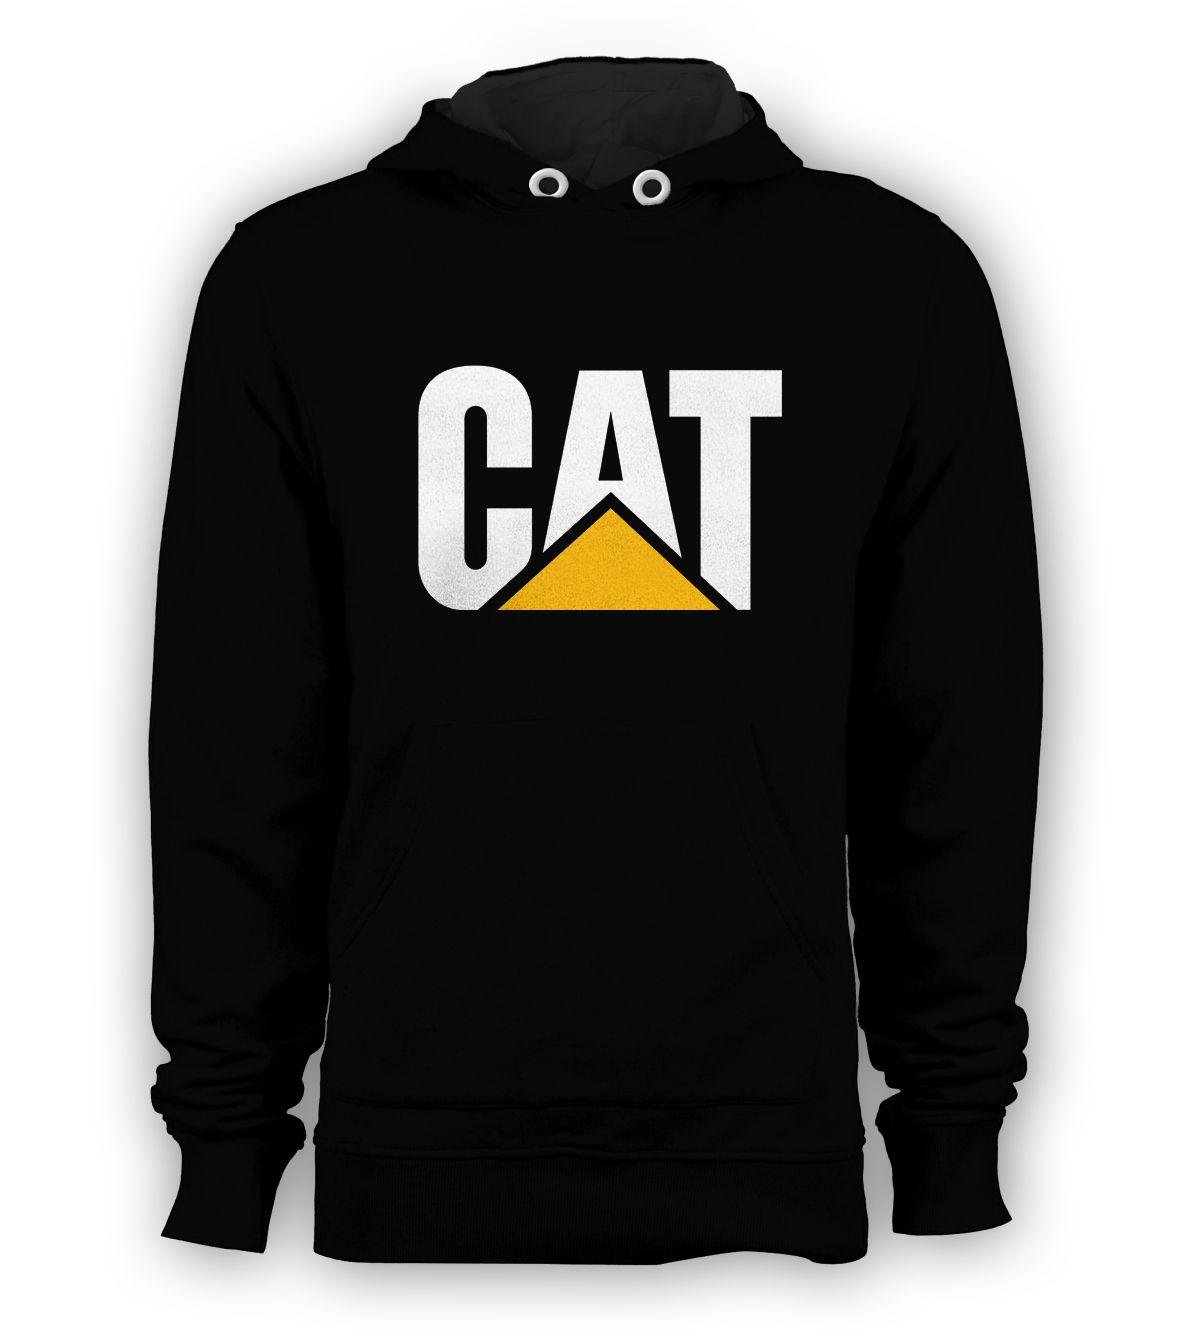 Cat Caterpillar Pullover Hoodie Sweatshirt Men S To Sweatshirts Hoodies Sweatshirts Hoodie [ 1344 x 1200 Pixel ]